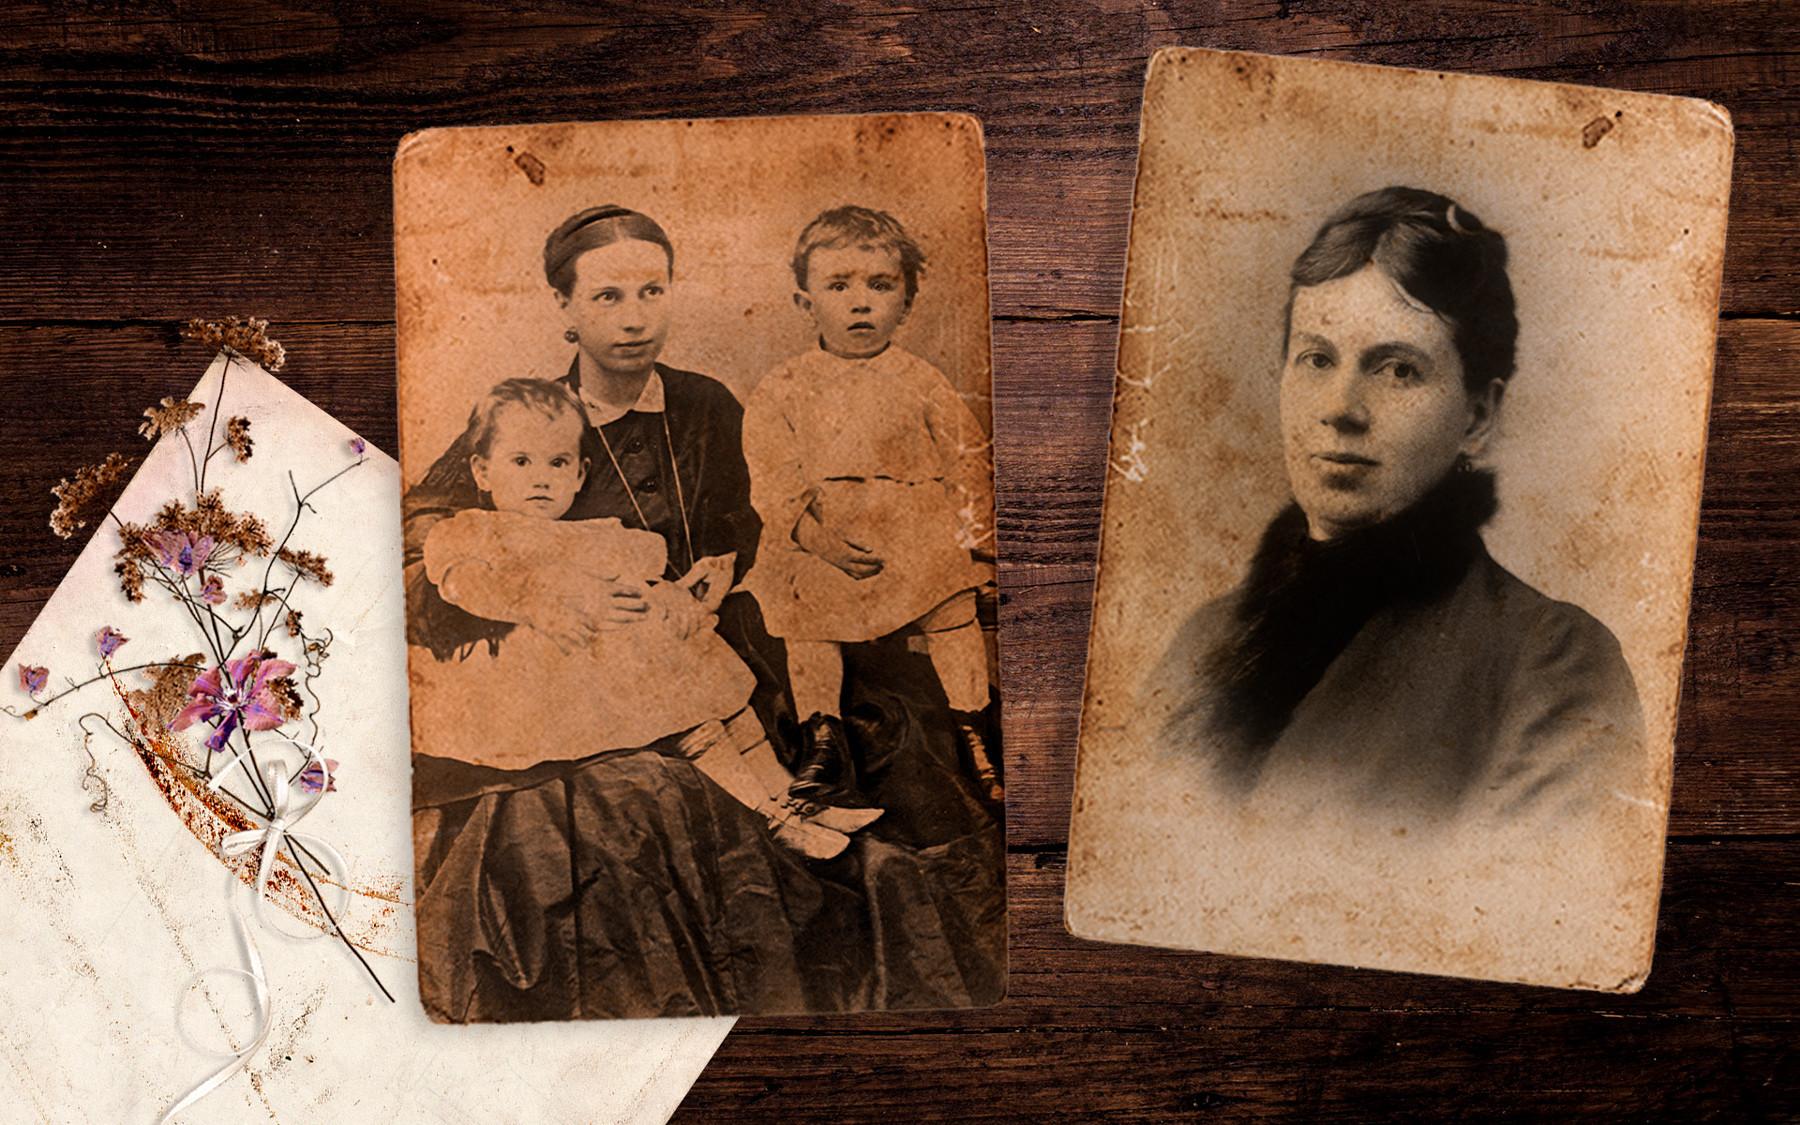 ソフィアと子供のターニャとセルゲイ。